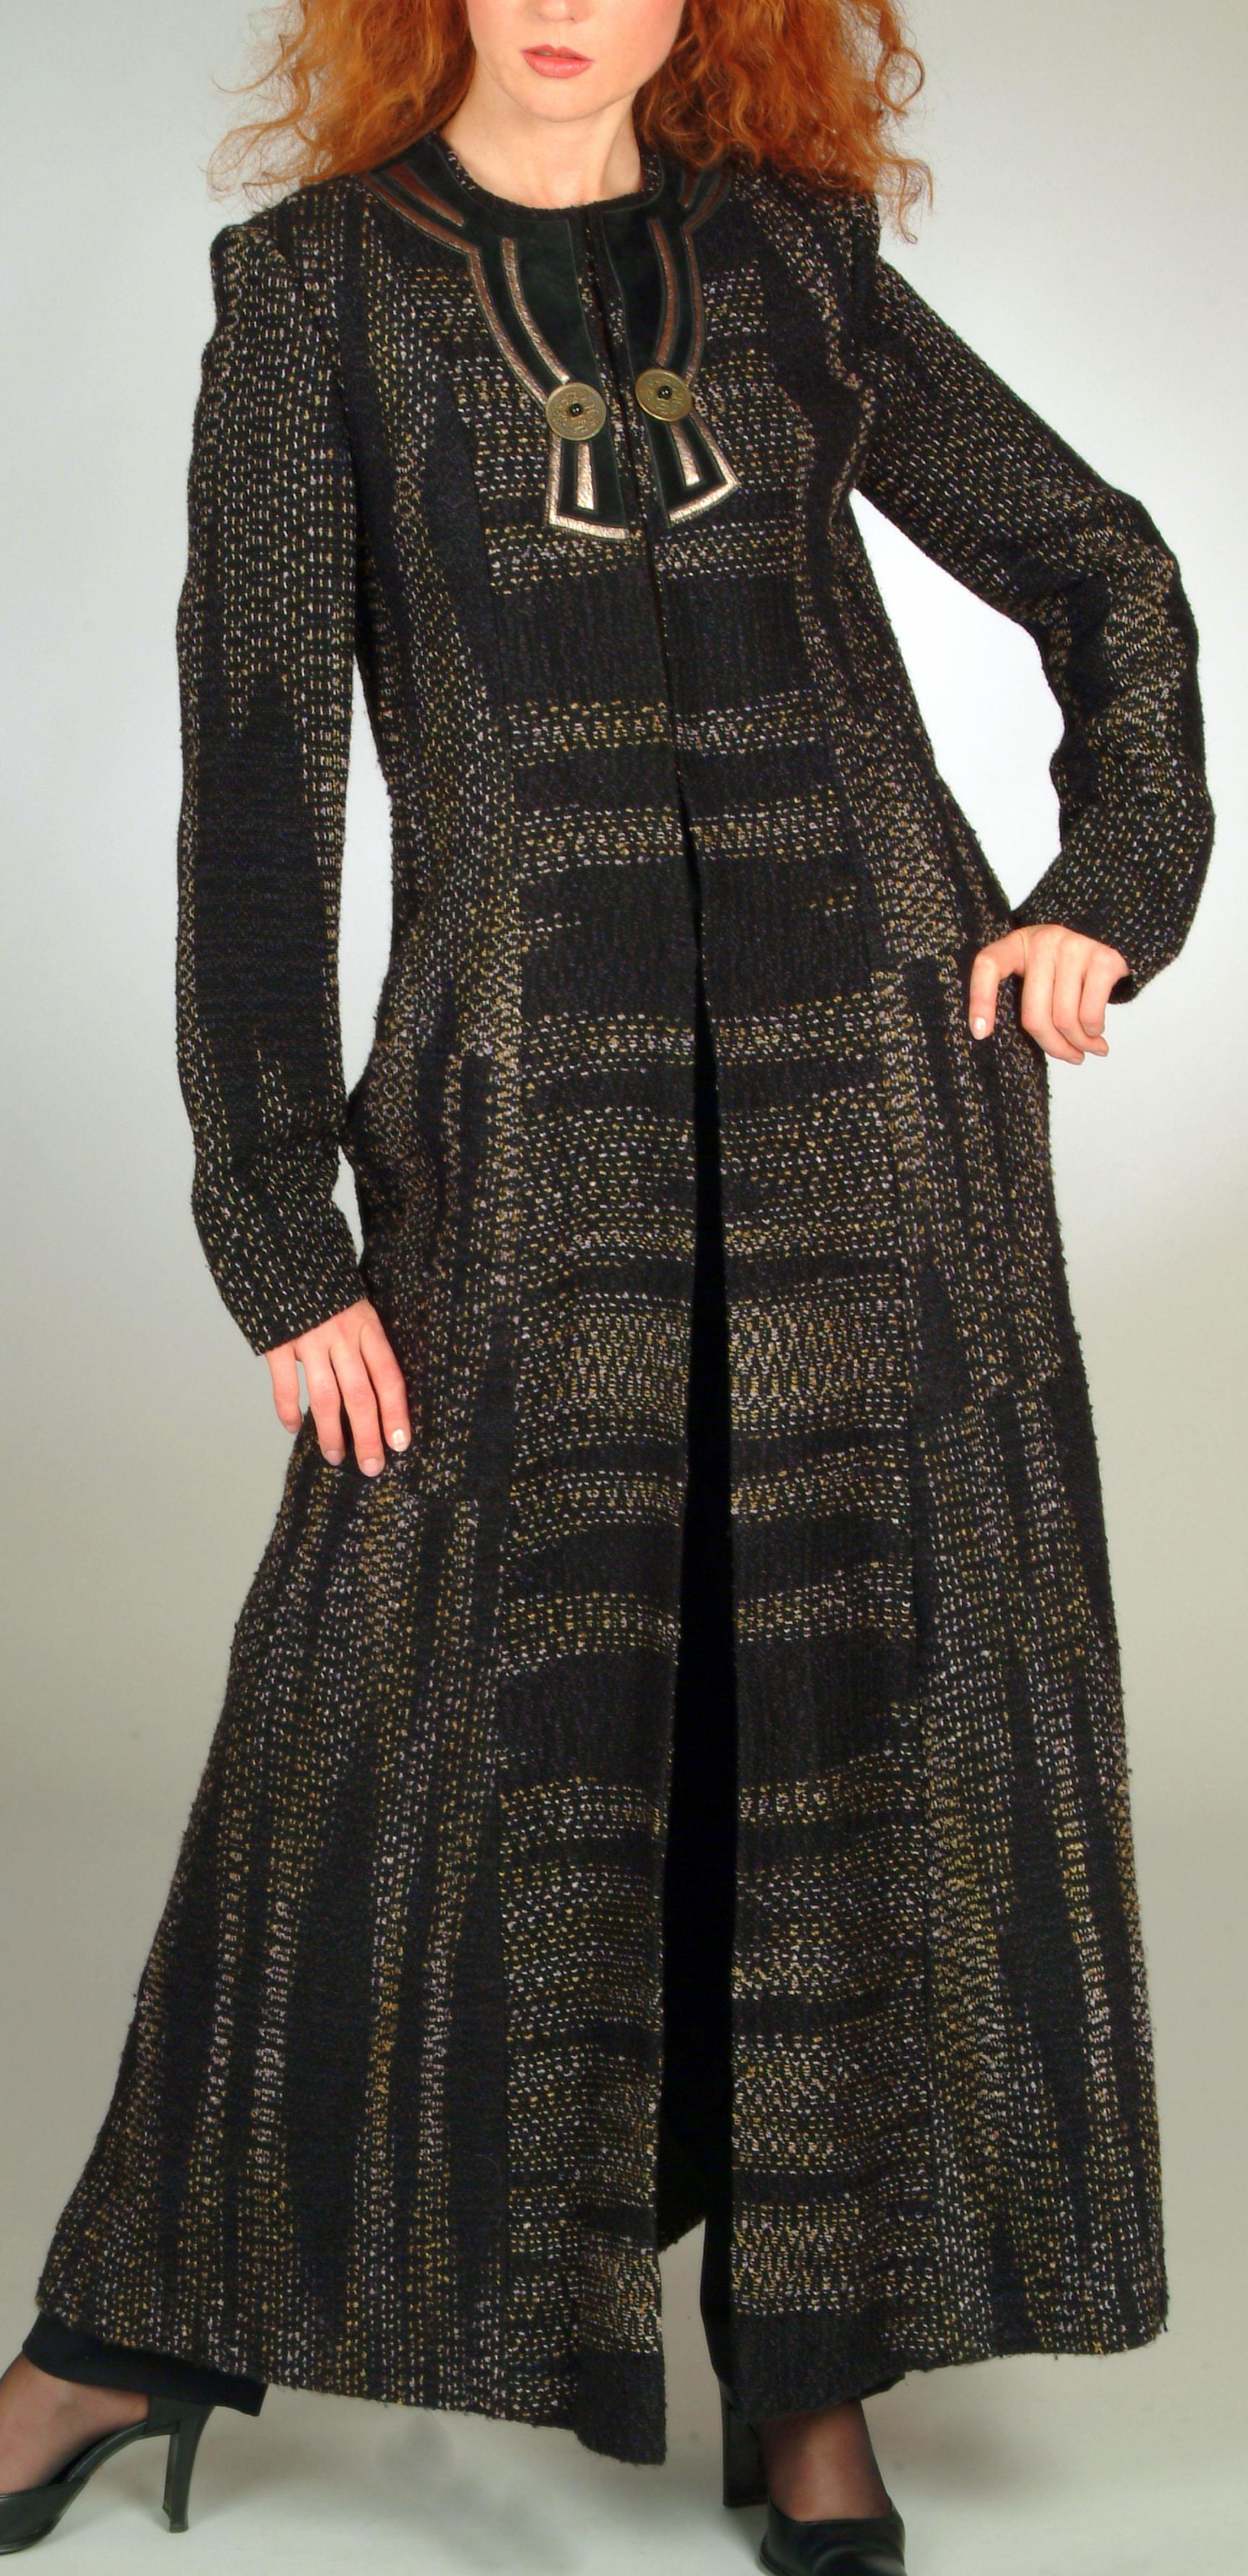 Handwoven Coat, Business Apparel, Kathleen Weir-West 11-001.jpg